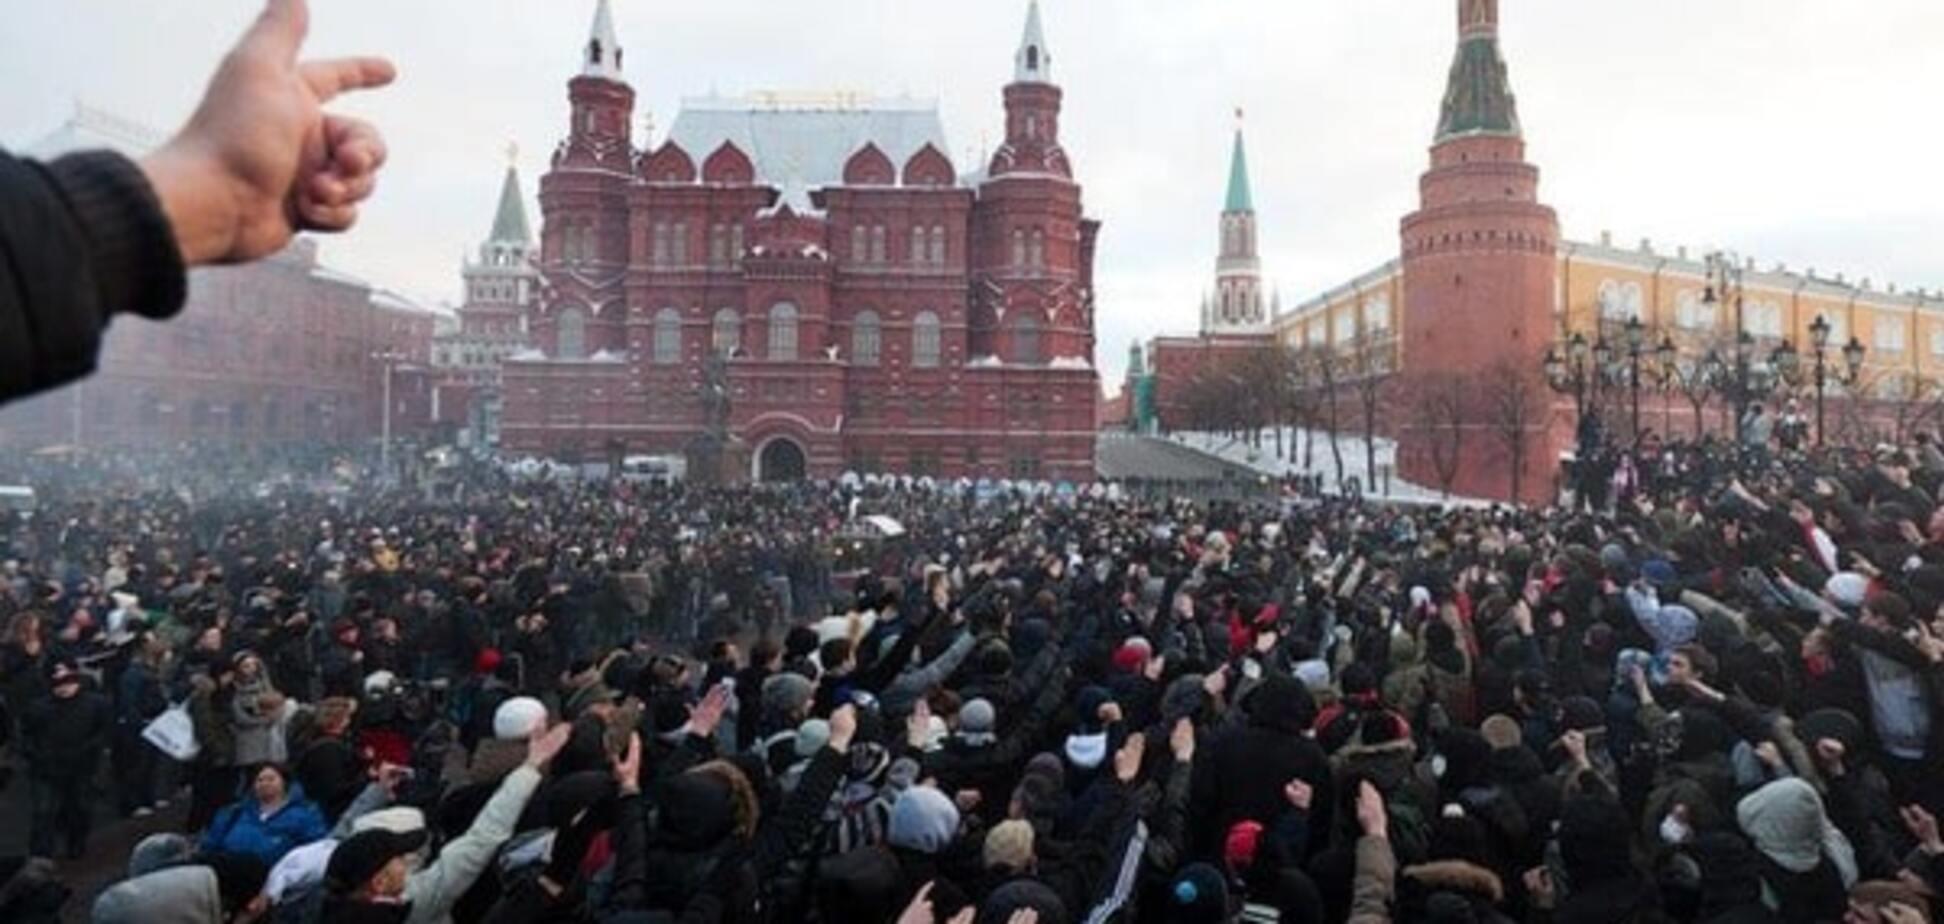 От революции до оккупации. Что ждет Россию в 2016-м?